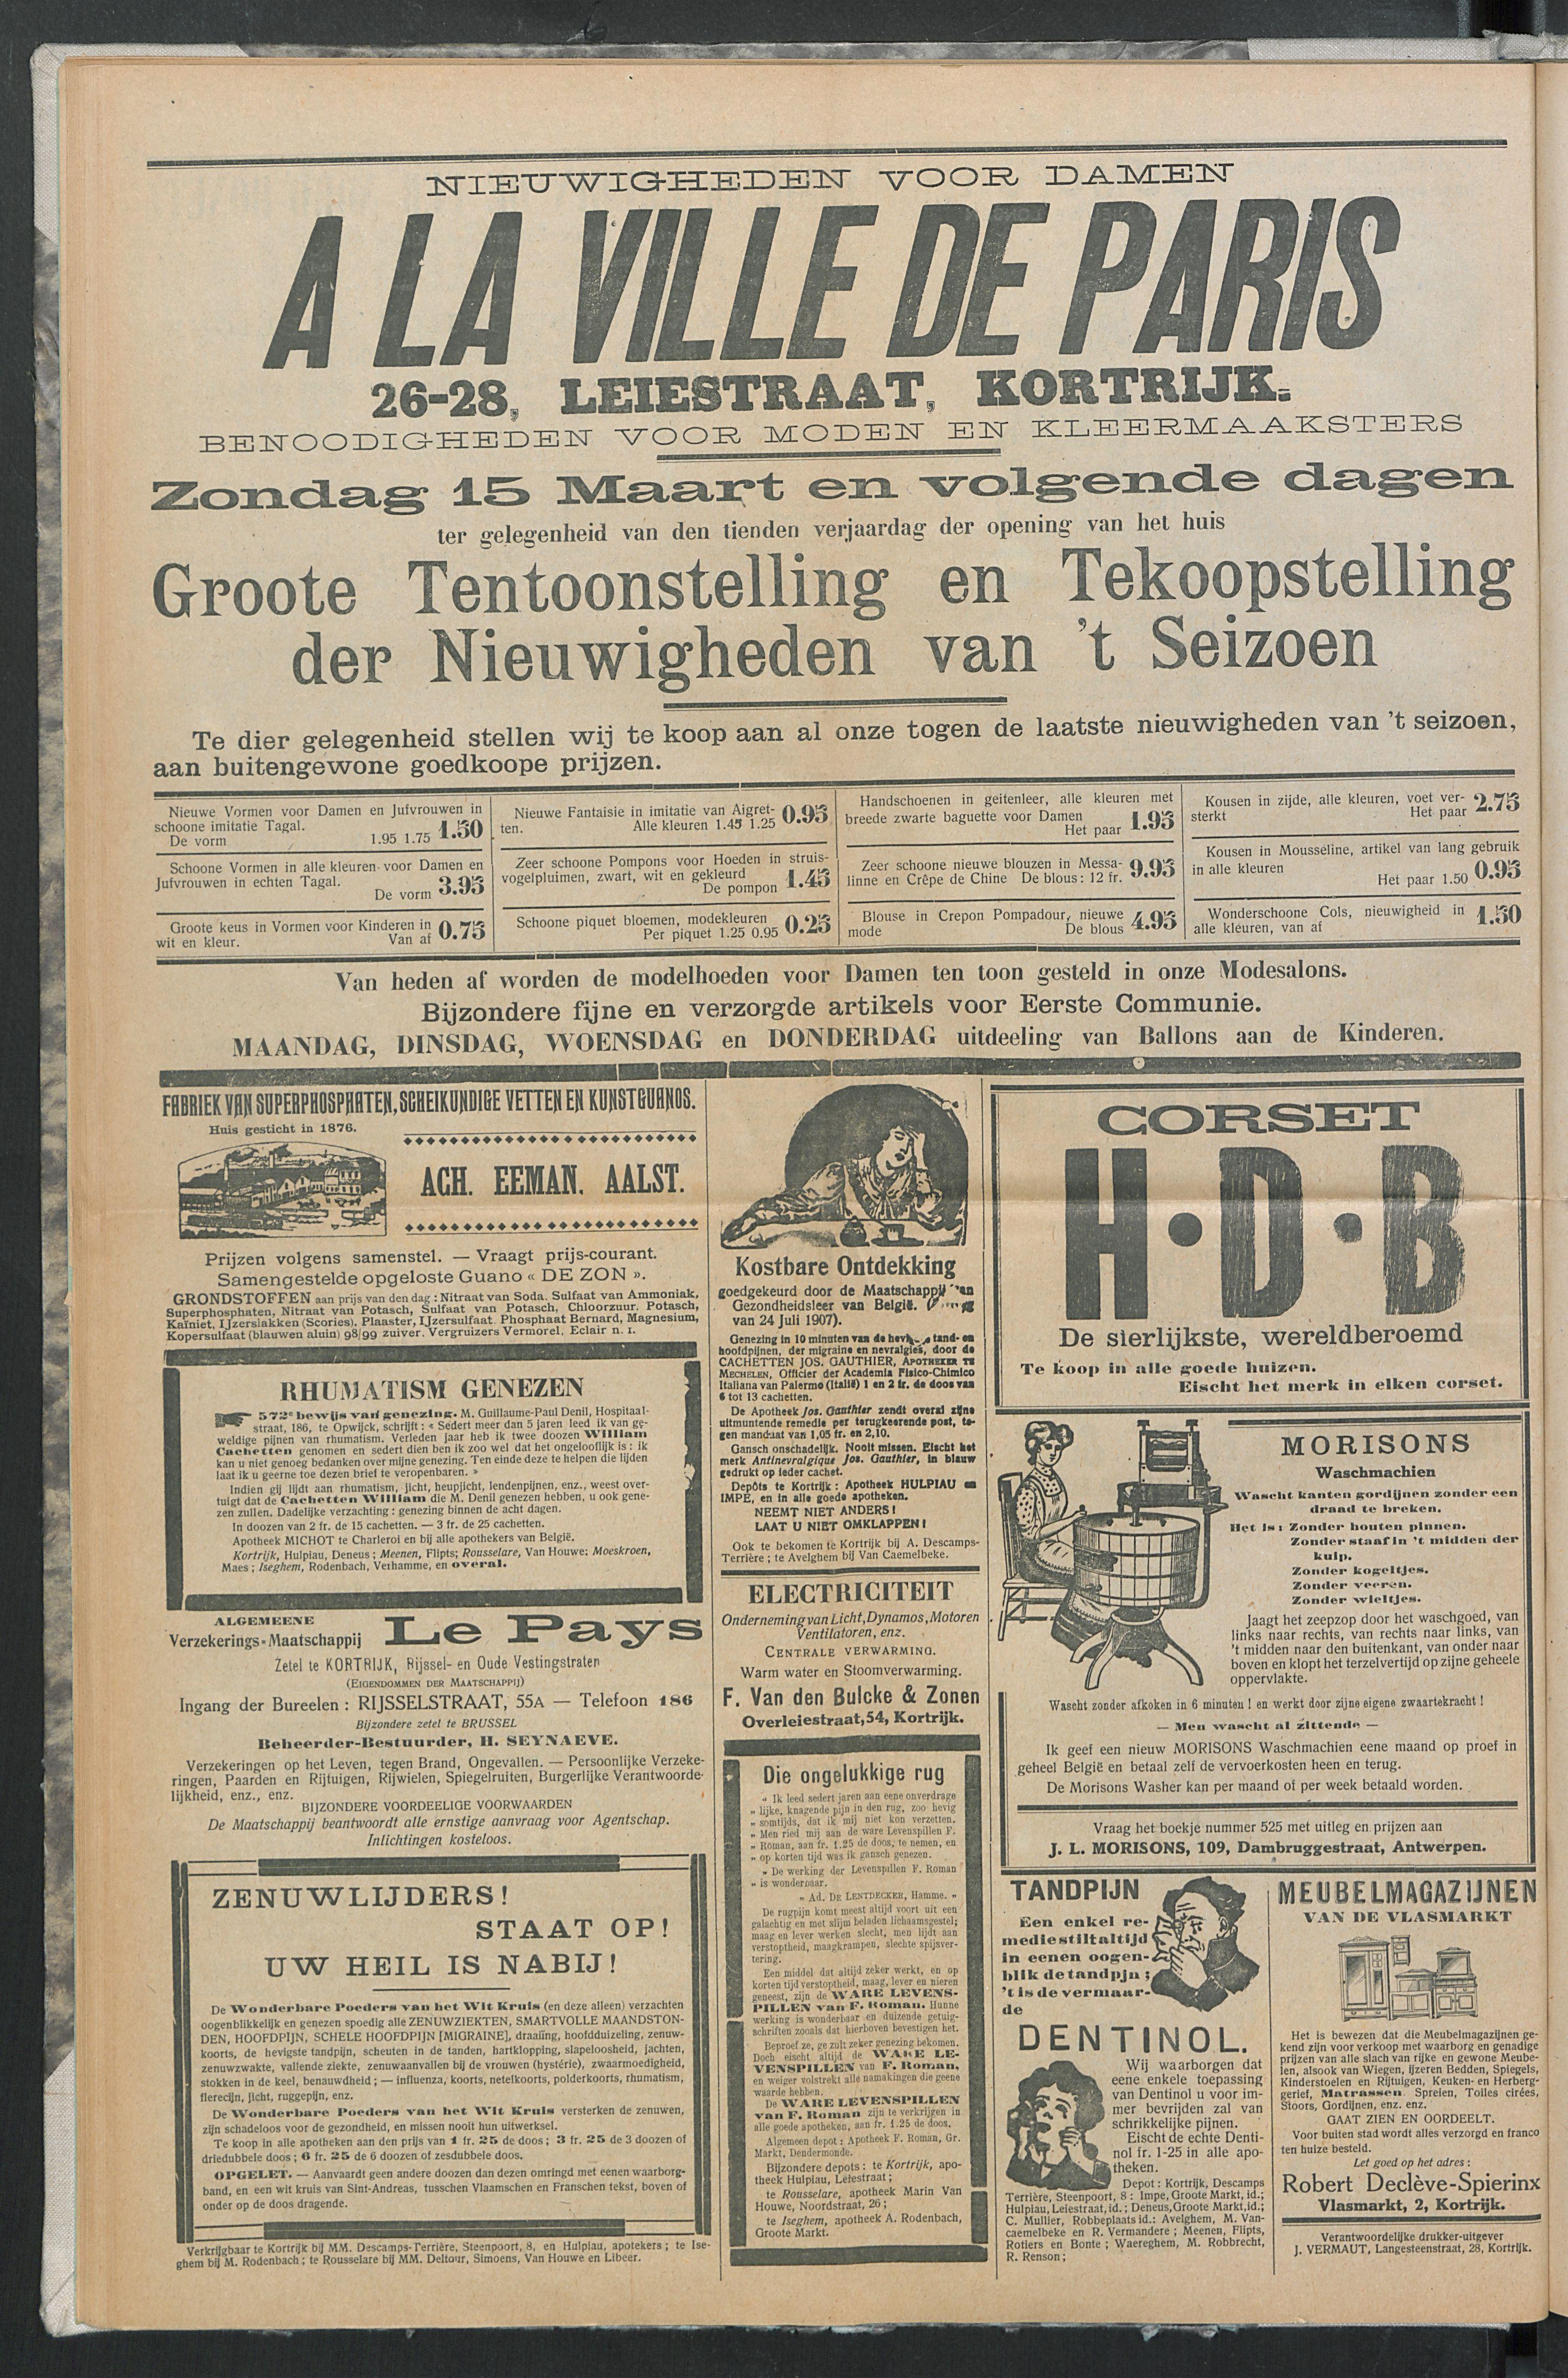 Het Kortrijksche Volk 1914-03-15 p8